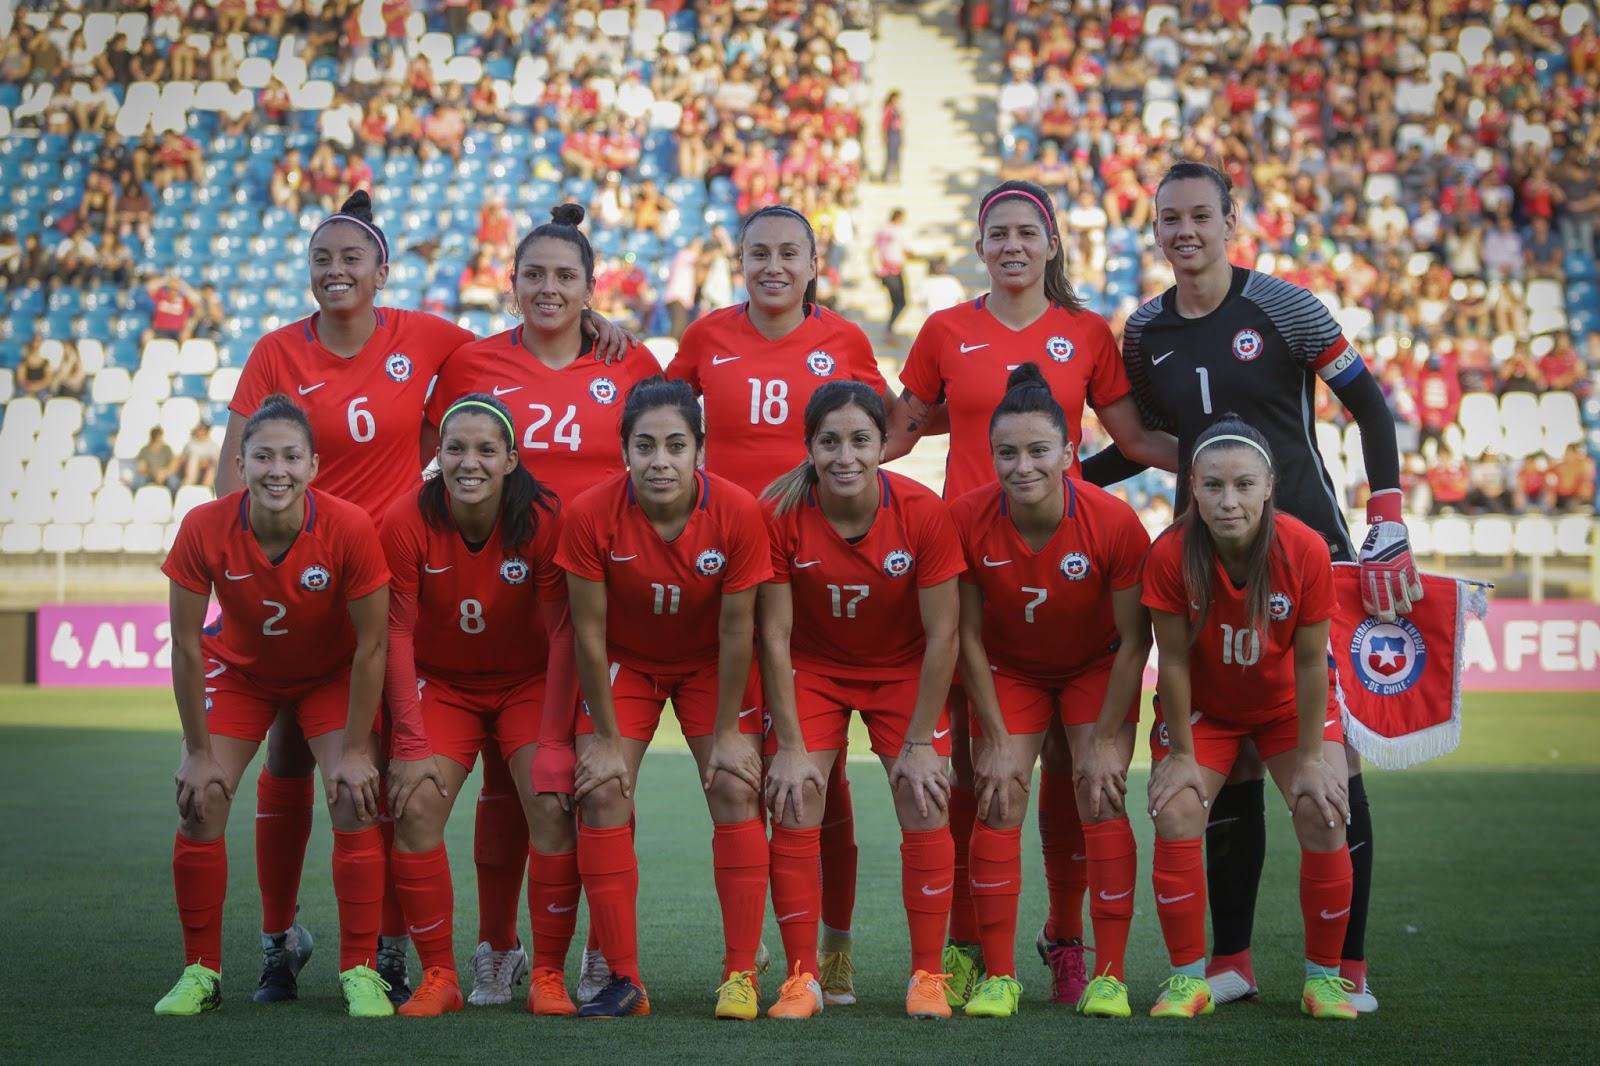 Formación de selección femenina de Colombia ante Chile, amistoso disputado el 6 de marzo de 2018